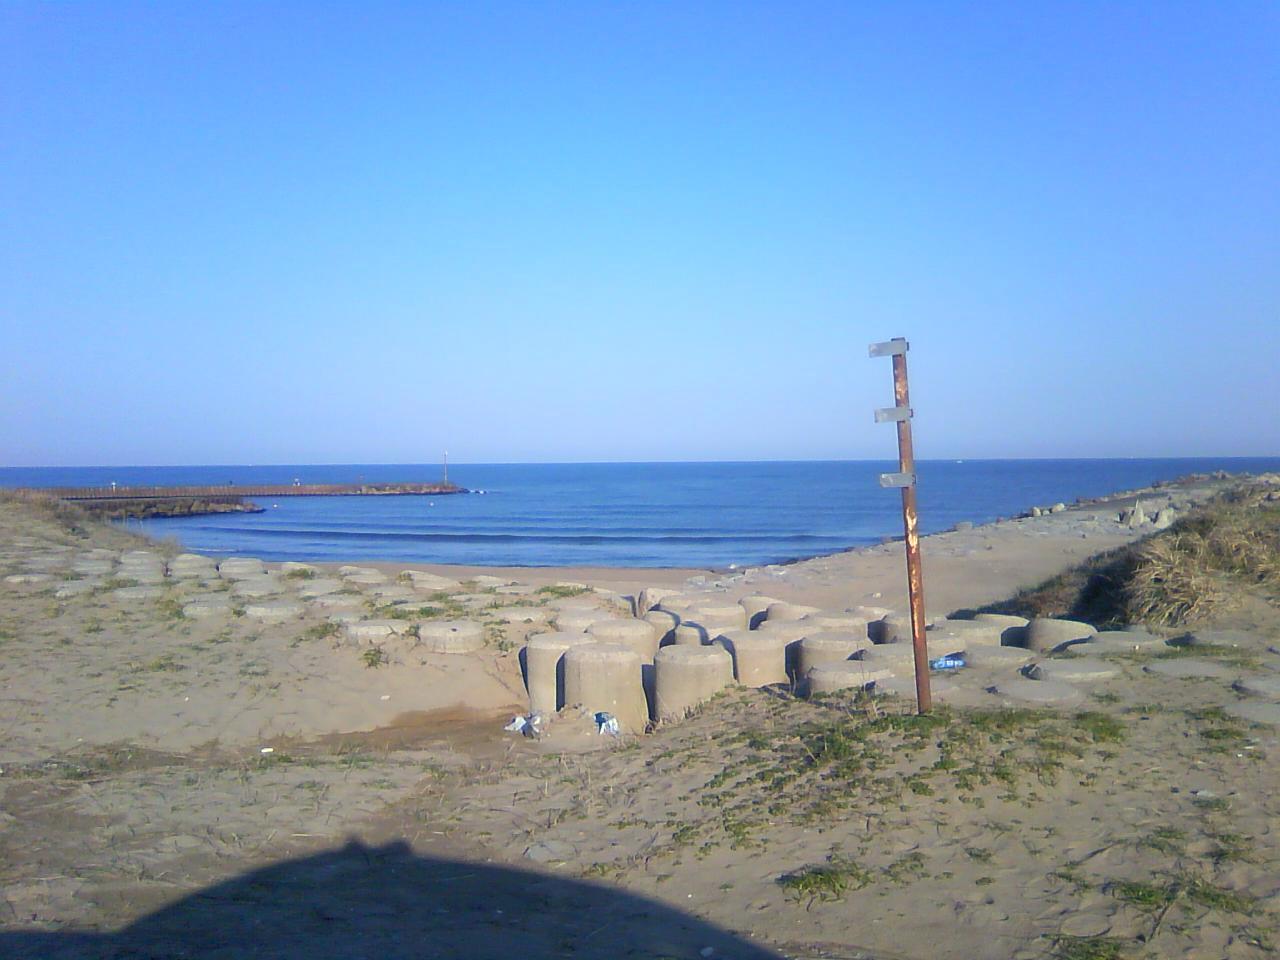 海4月25日(日)_b0112351_6494866.jpg